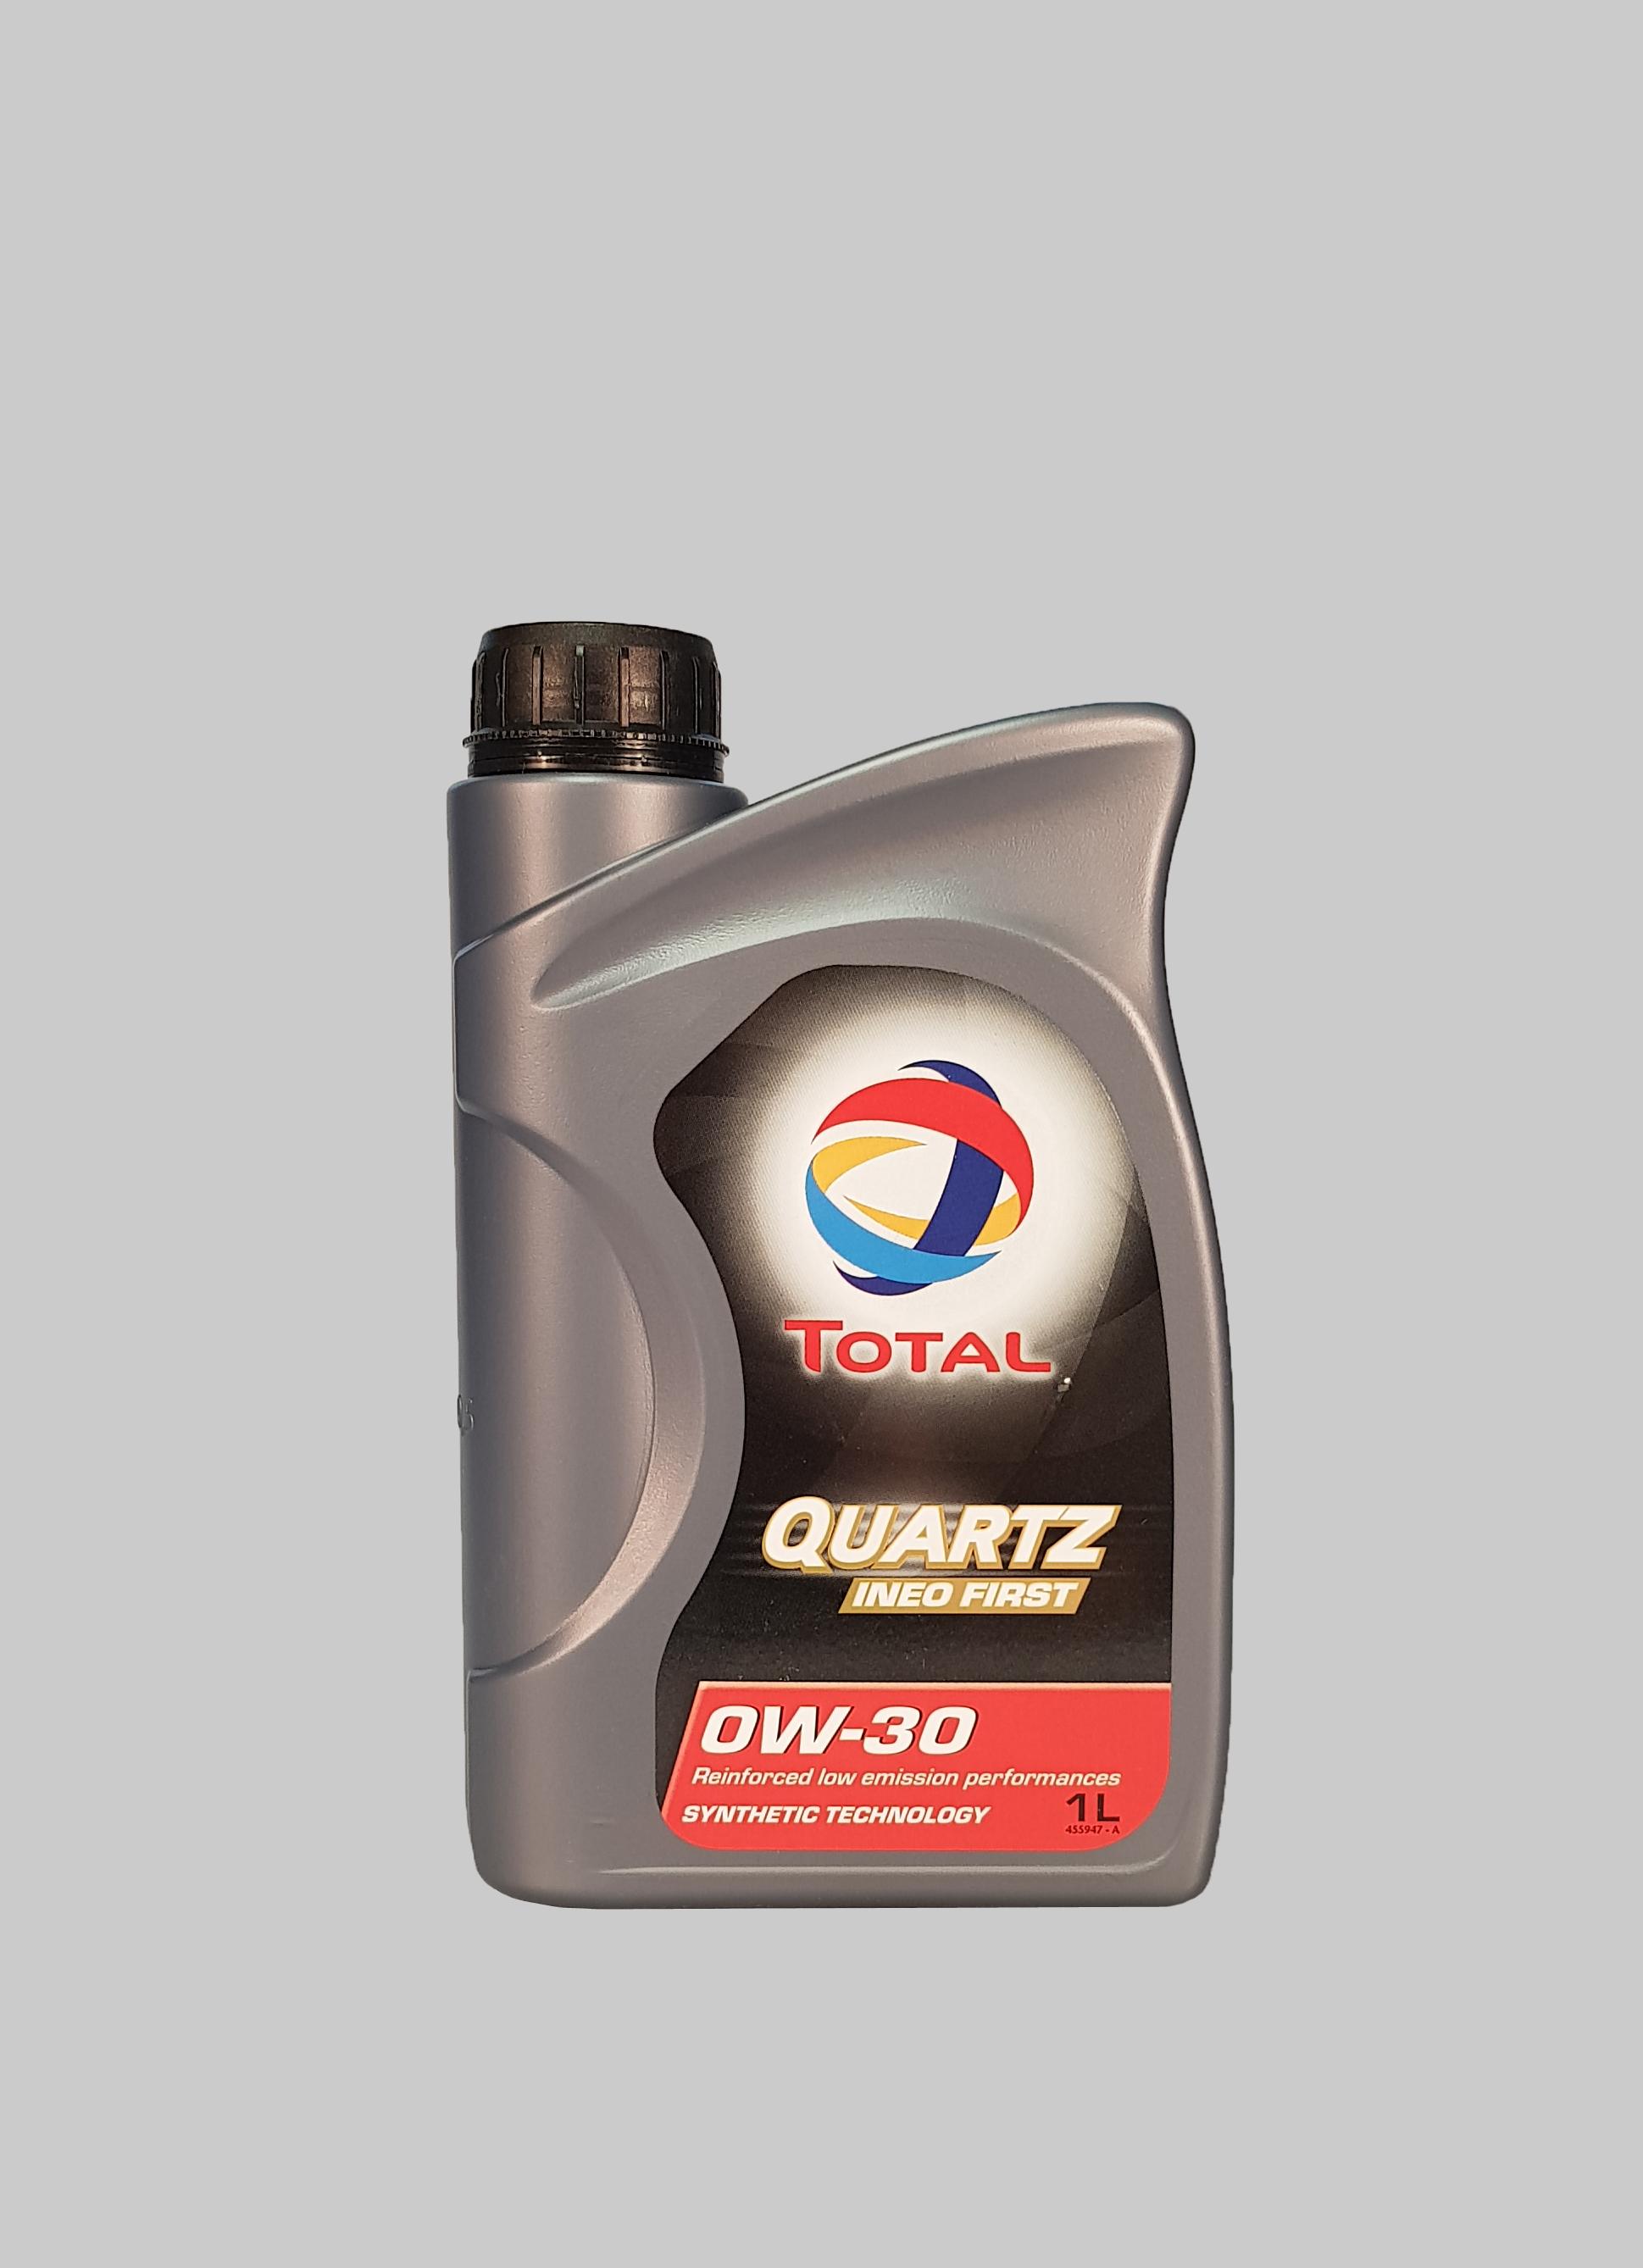 Total Quartz INEO First 0W-30 1 Liter